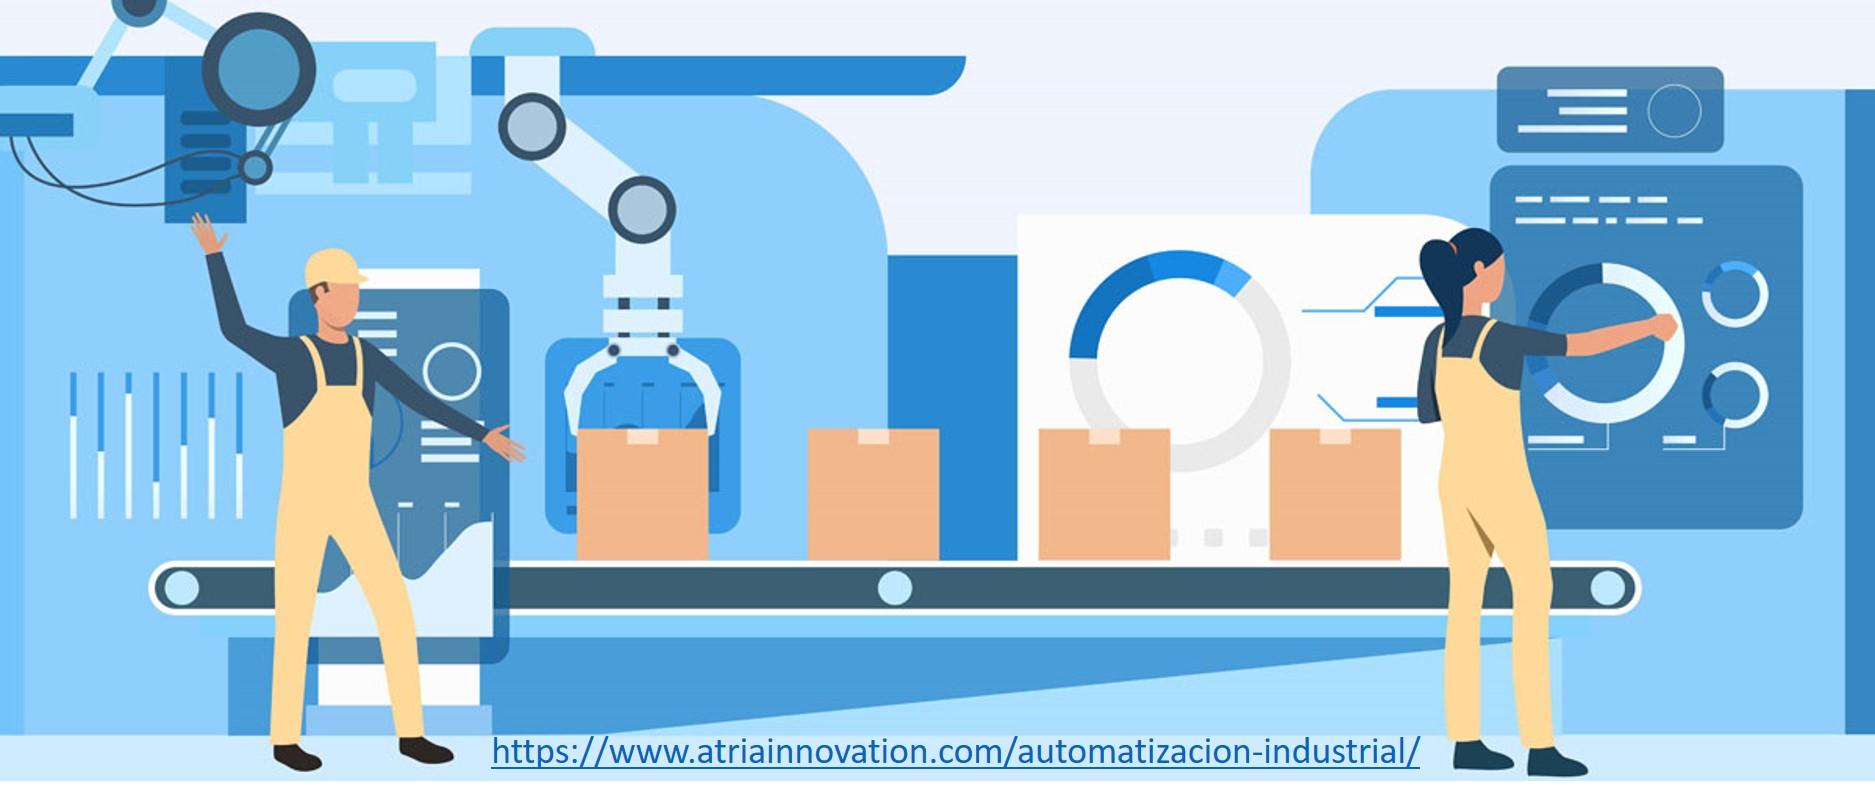 Automatización Industrial-Dra. Marissa Moreno R.